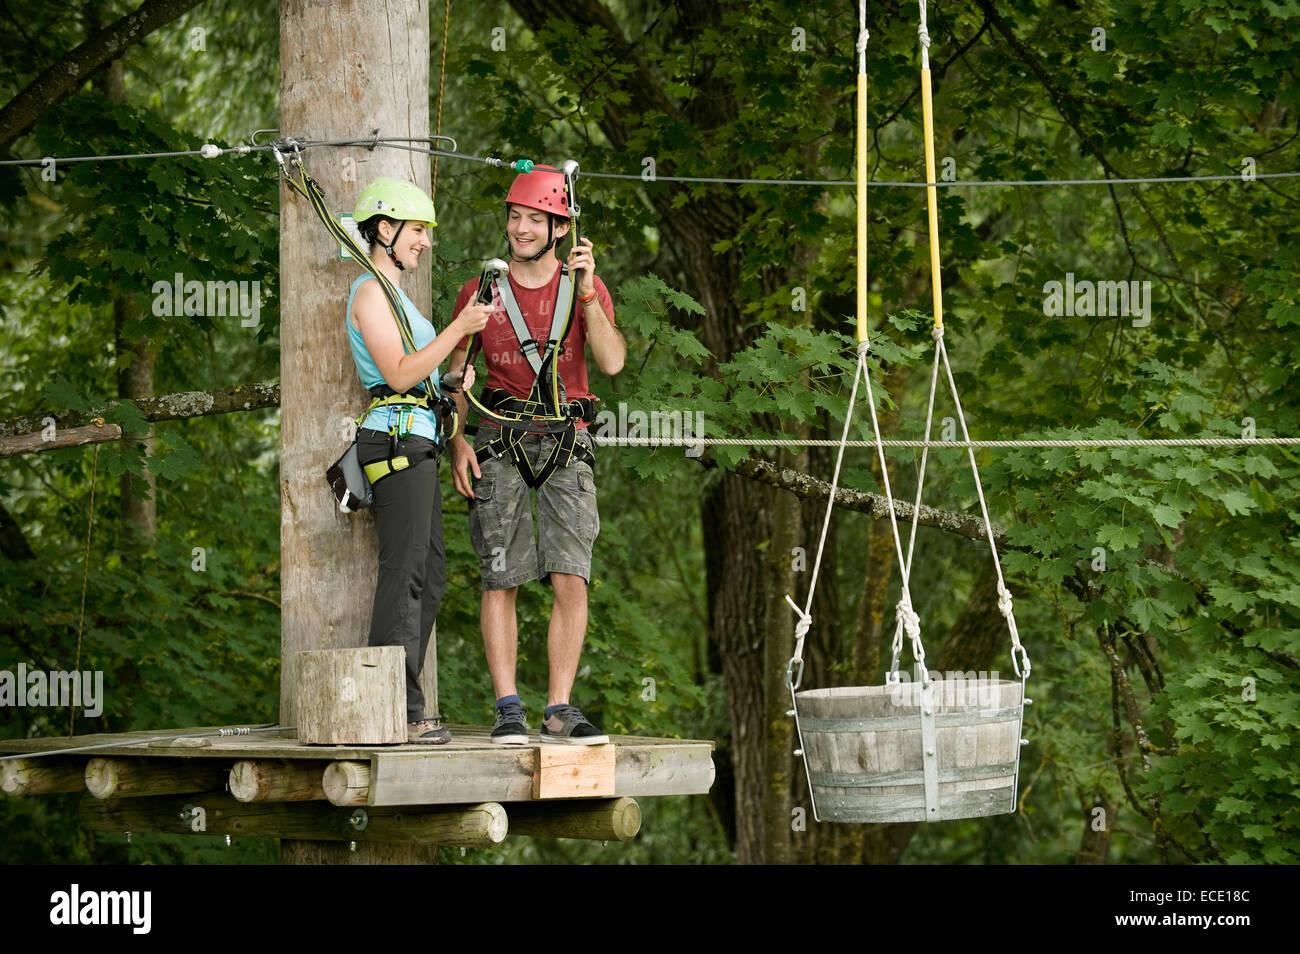 Mujer joven y joven cangrejo de escalada Imagen De Stock